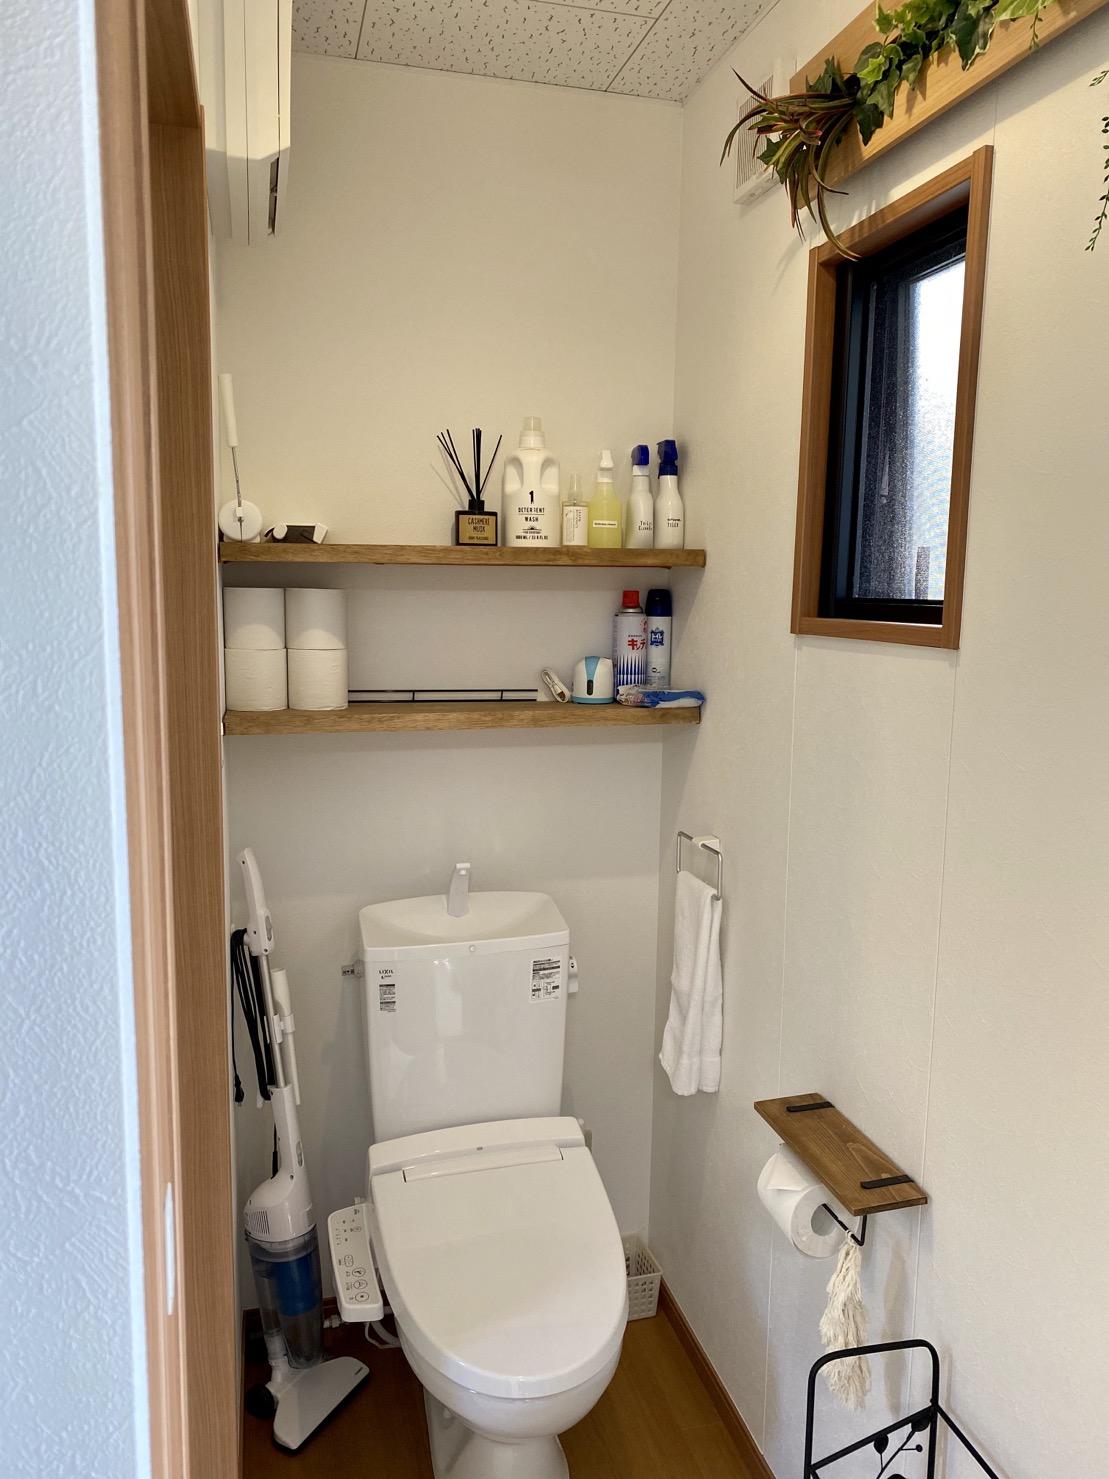 清潔感あるお手洗い。掃除用具なども揃えています